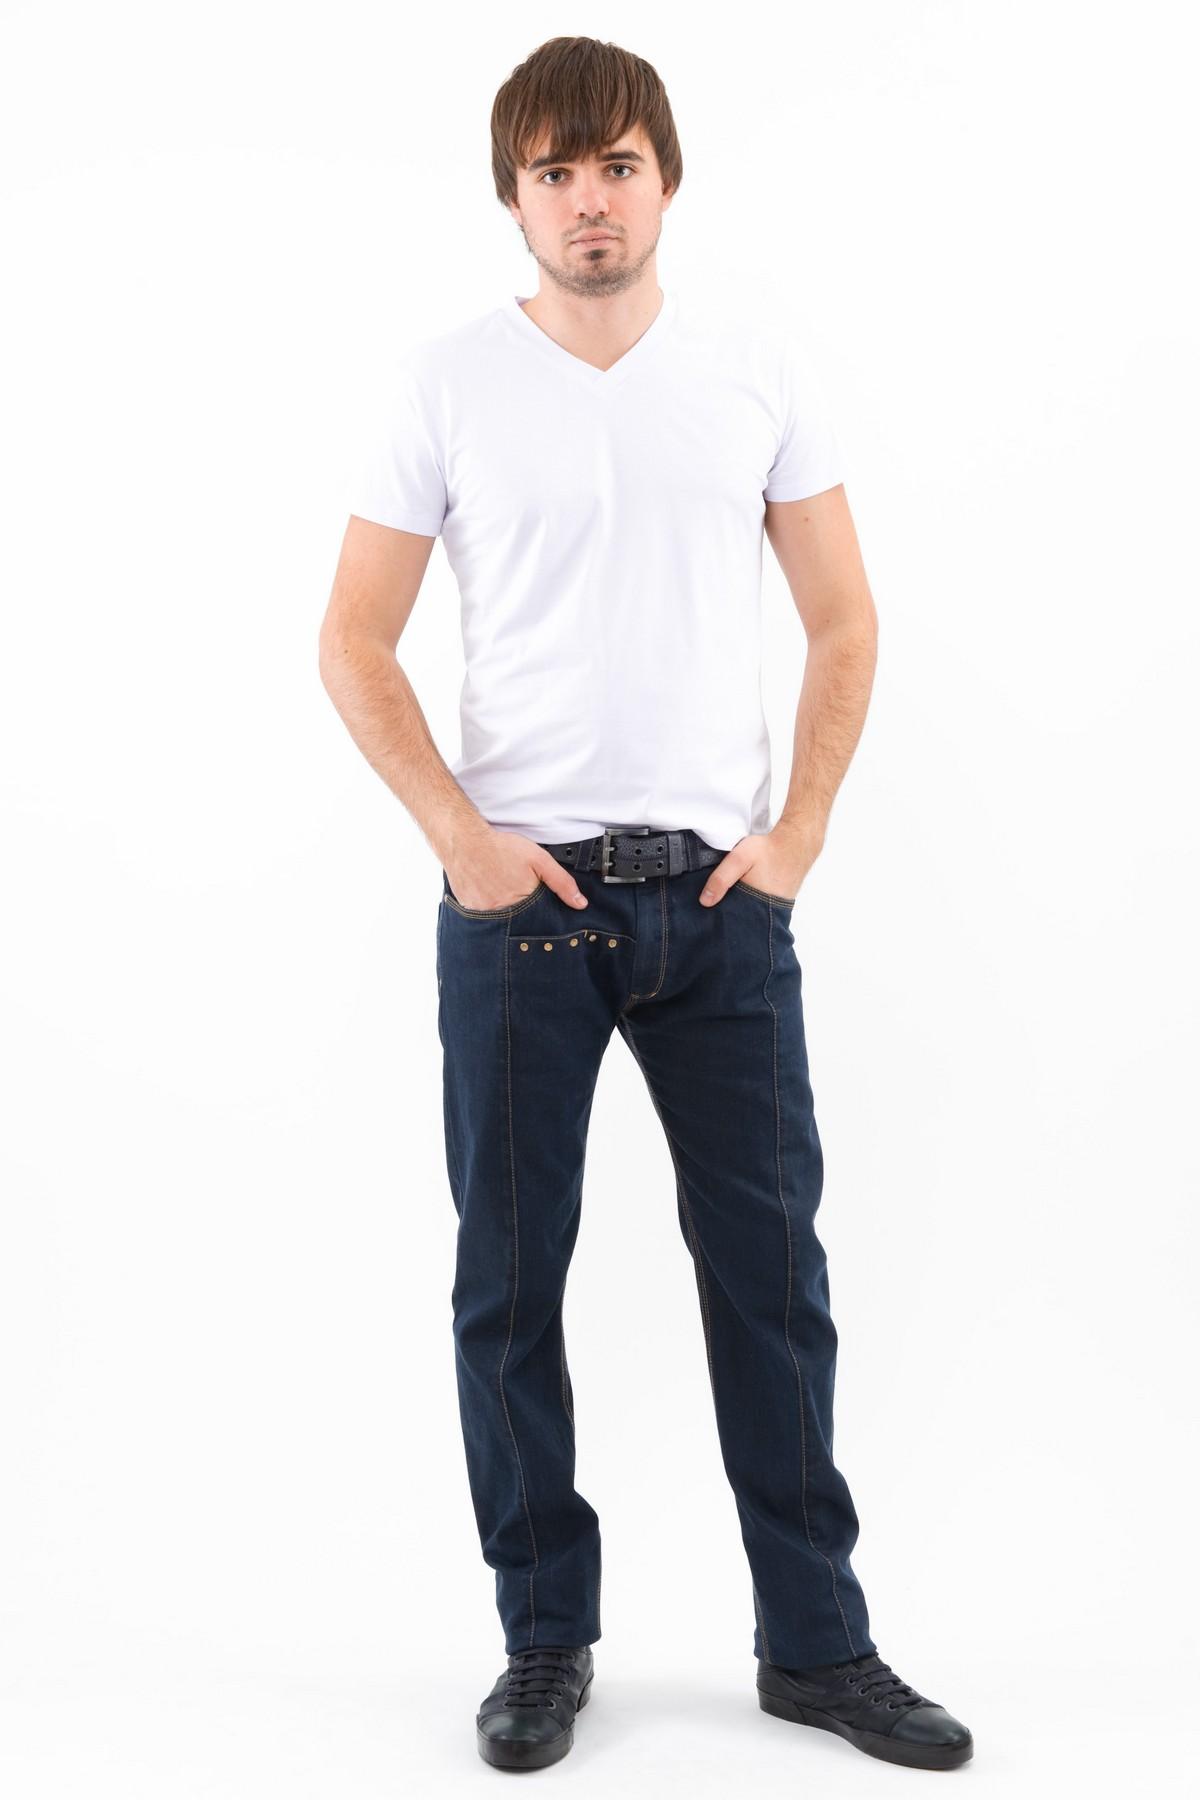 ФутболкаМужские футболки, джемпера<br>Футболка – это удобный выбор на каждый день, поэтому она должна быть яркой и стильной, чтобы привнести в повседневный образ красок. Округлый вырез горловины, короткие рукава - все это футболка Doctor E, из высококачественного трикотажа, не вытягивается по<br><br>Цвет: белый<br>Состав: 92% хлопок 8% лайкра<br>Размер: 46,48,50,52,54,56,58,60<br>Страна дизайна: Россия<br>Страна производства: Россия